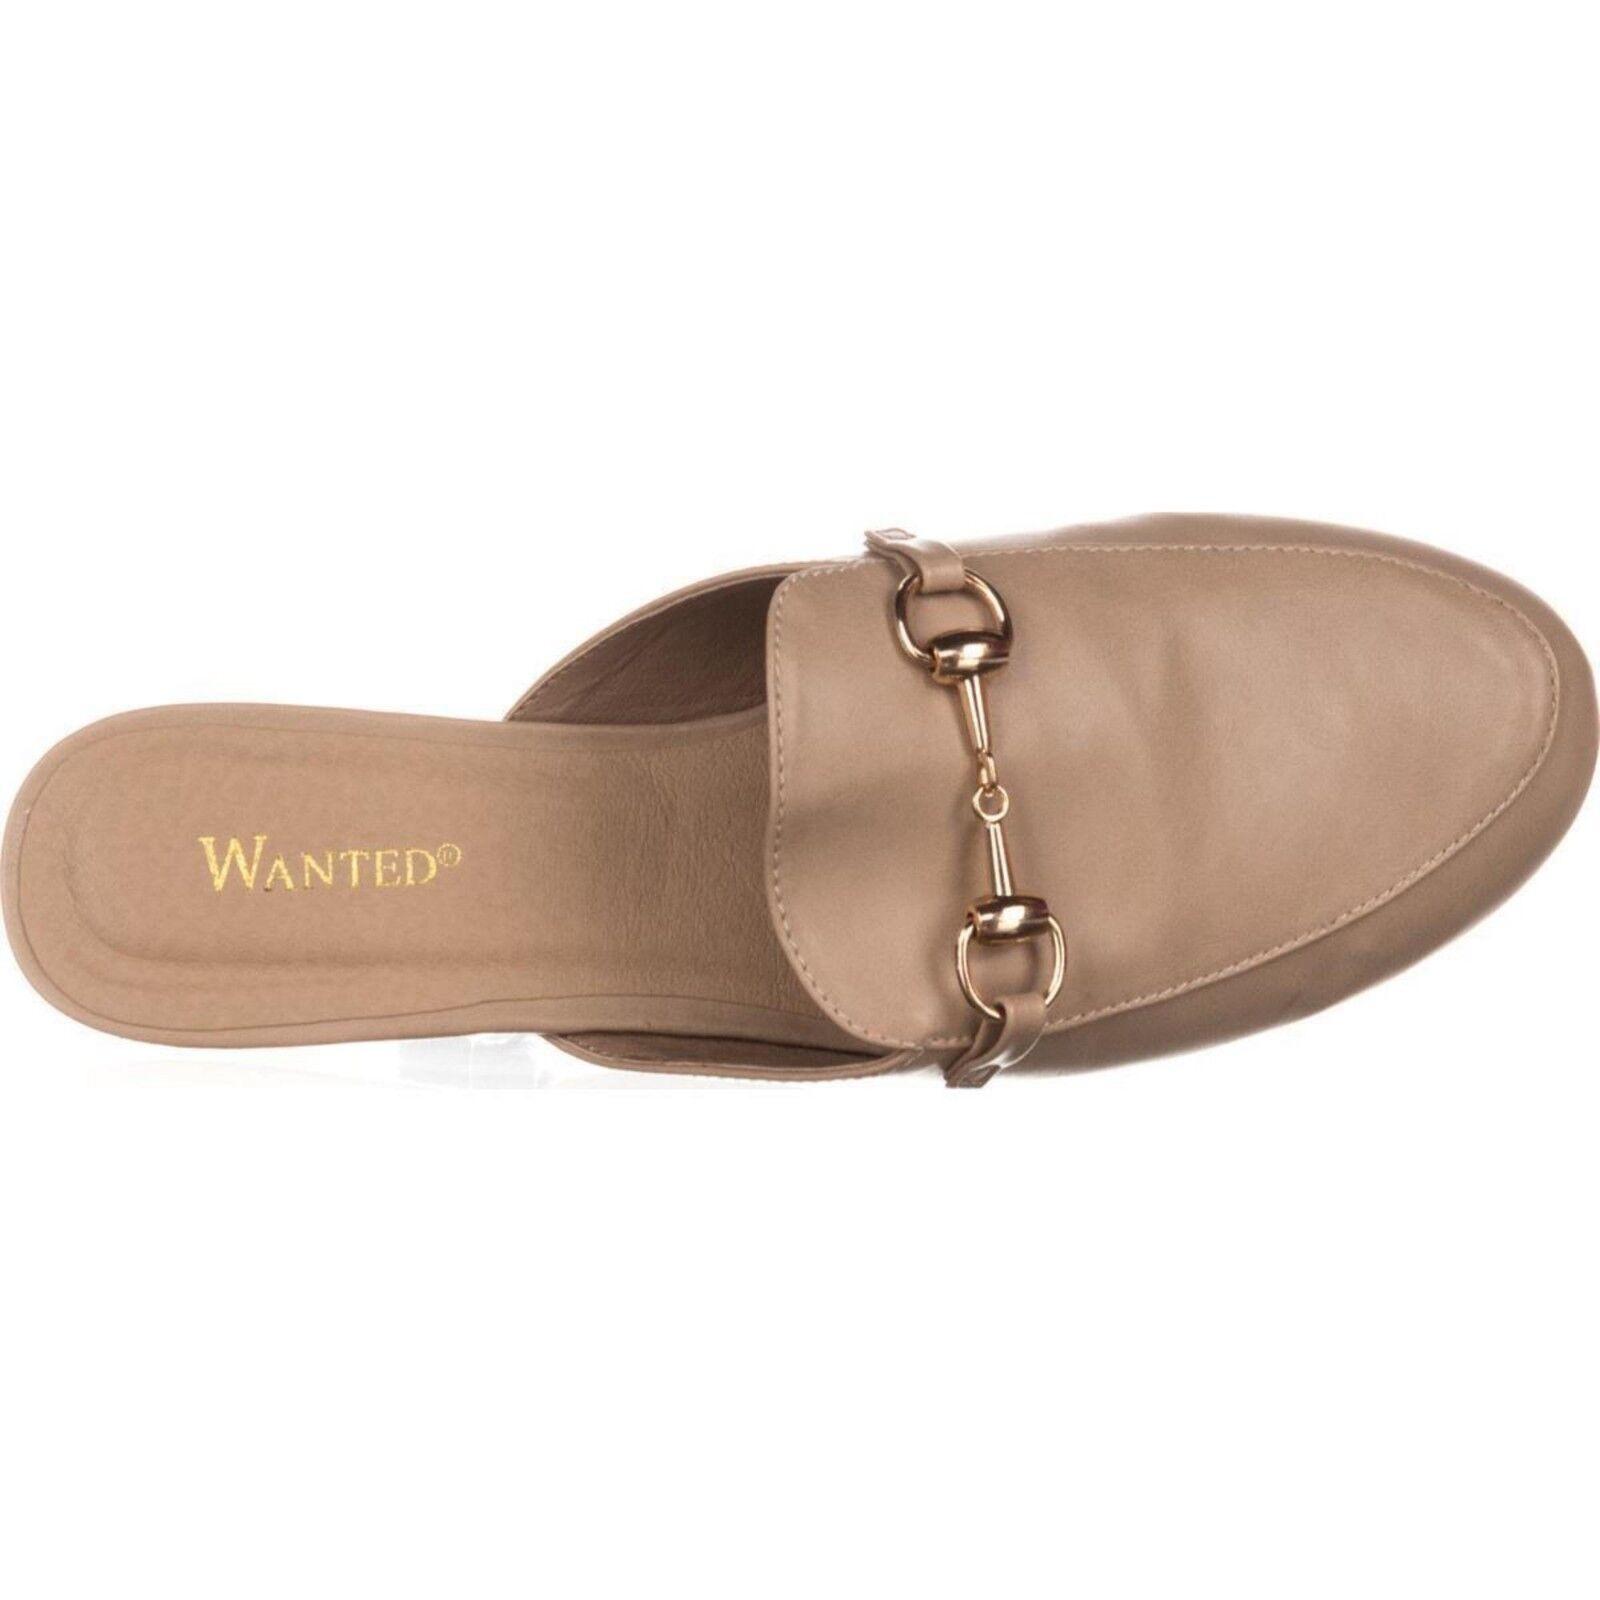 Quería para mujer Bitman Natural Natural Natural Sin Cordones Mocasines zapatos con hebilla de oro talla 10 M  ofreciendo 100%